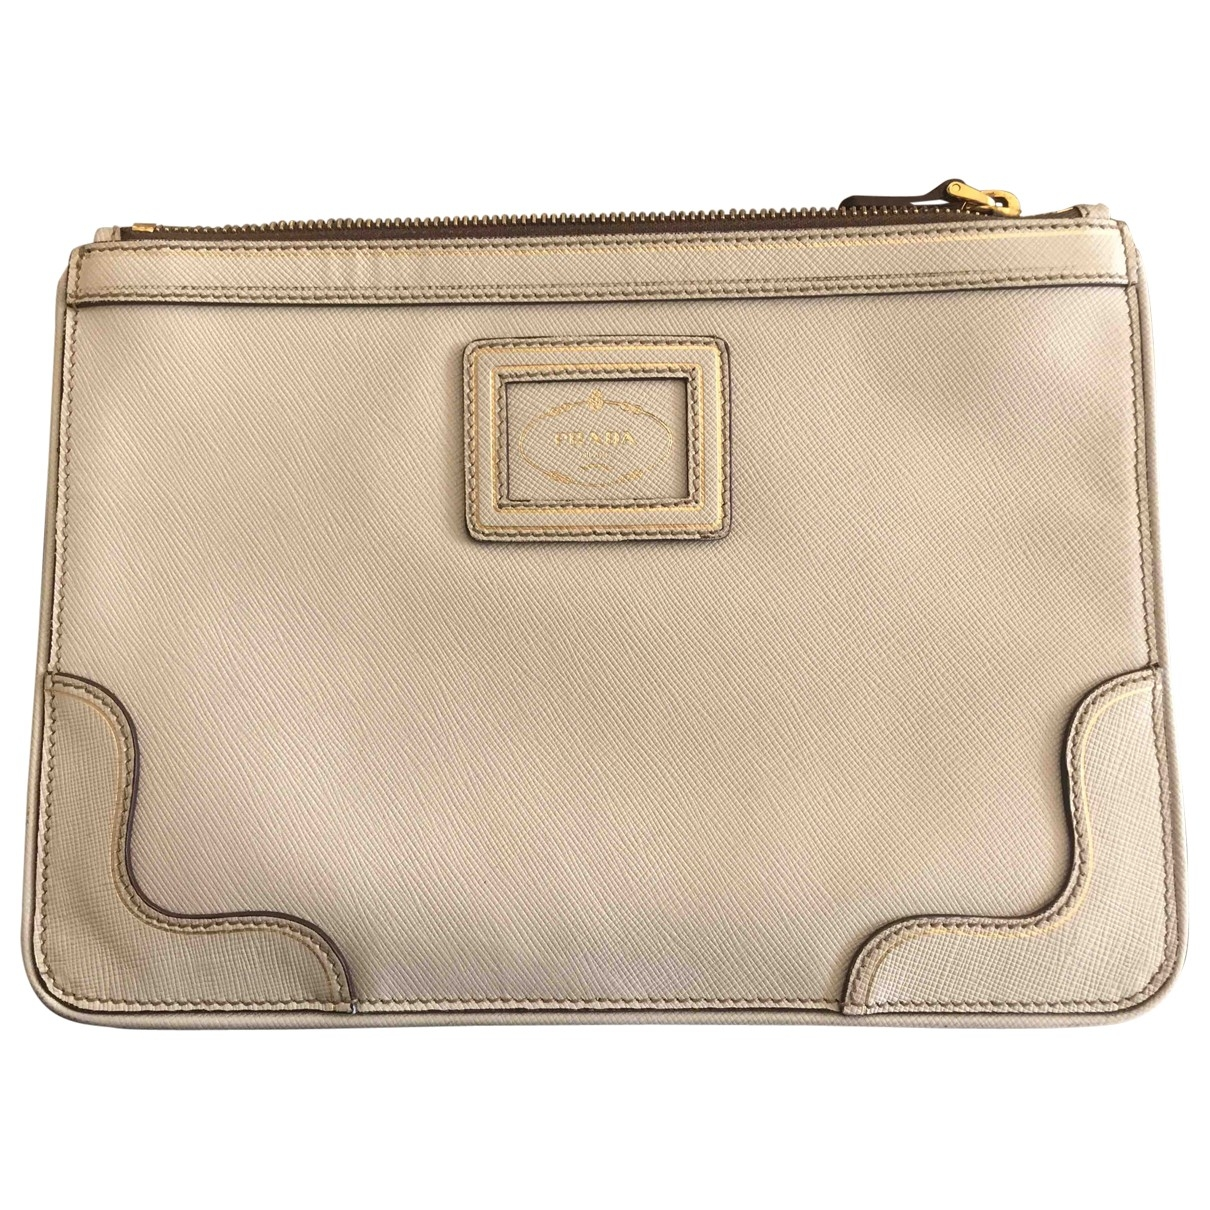 Prada \N Ecru Cloth Clutch bag for Women \N